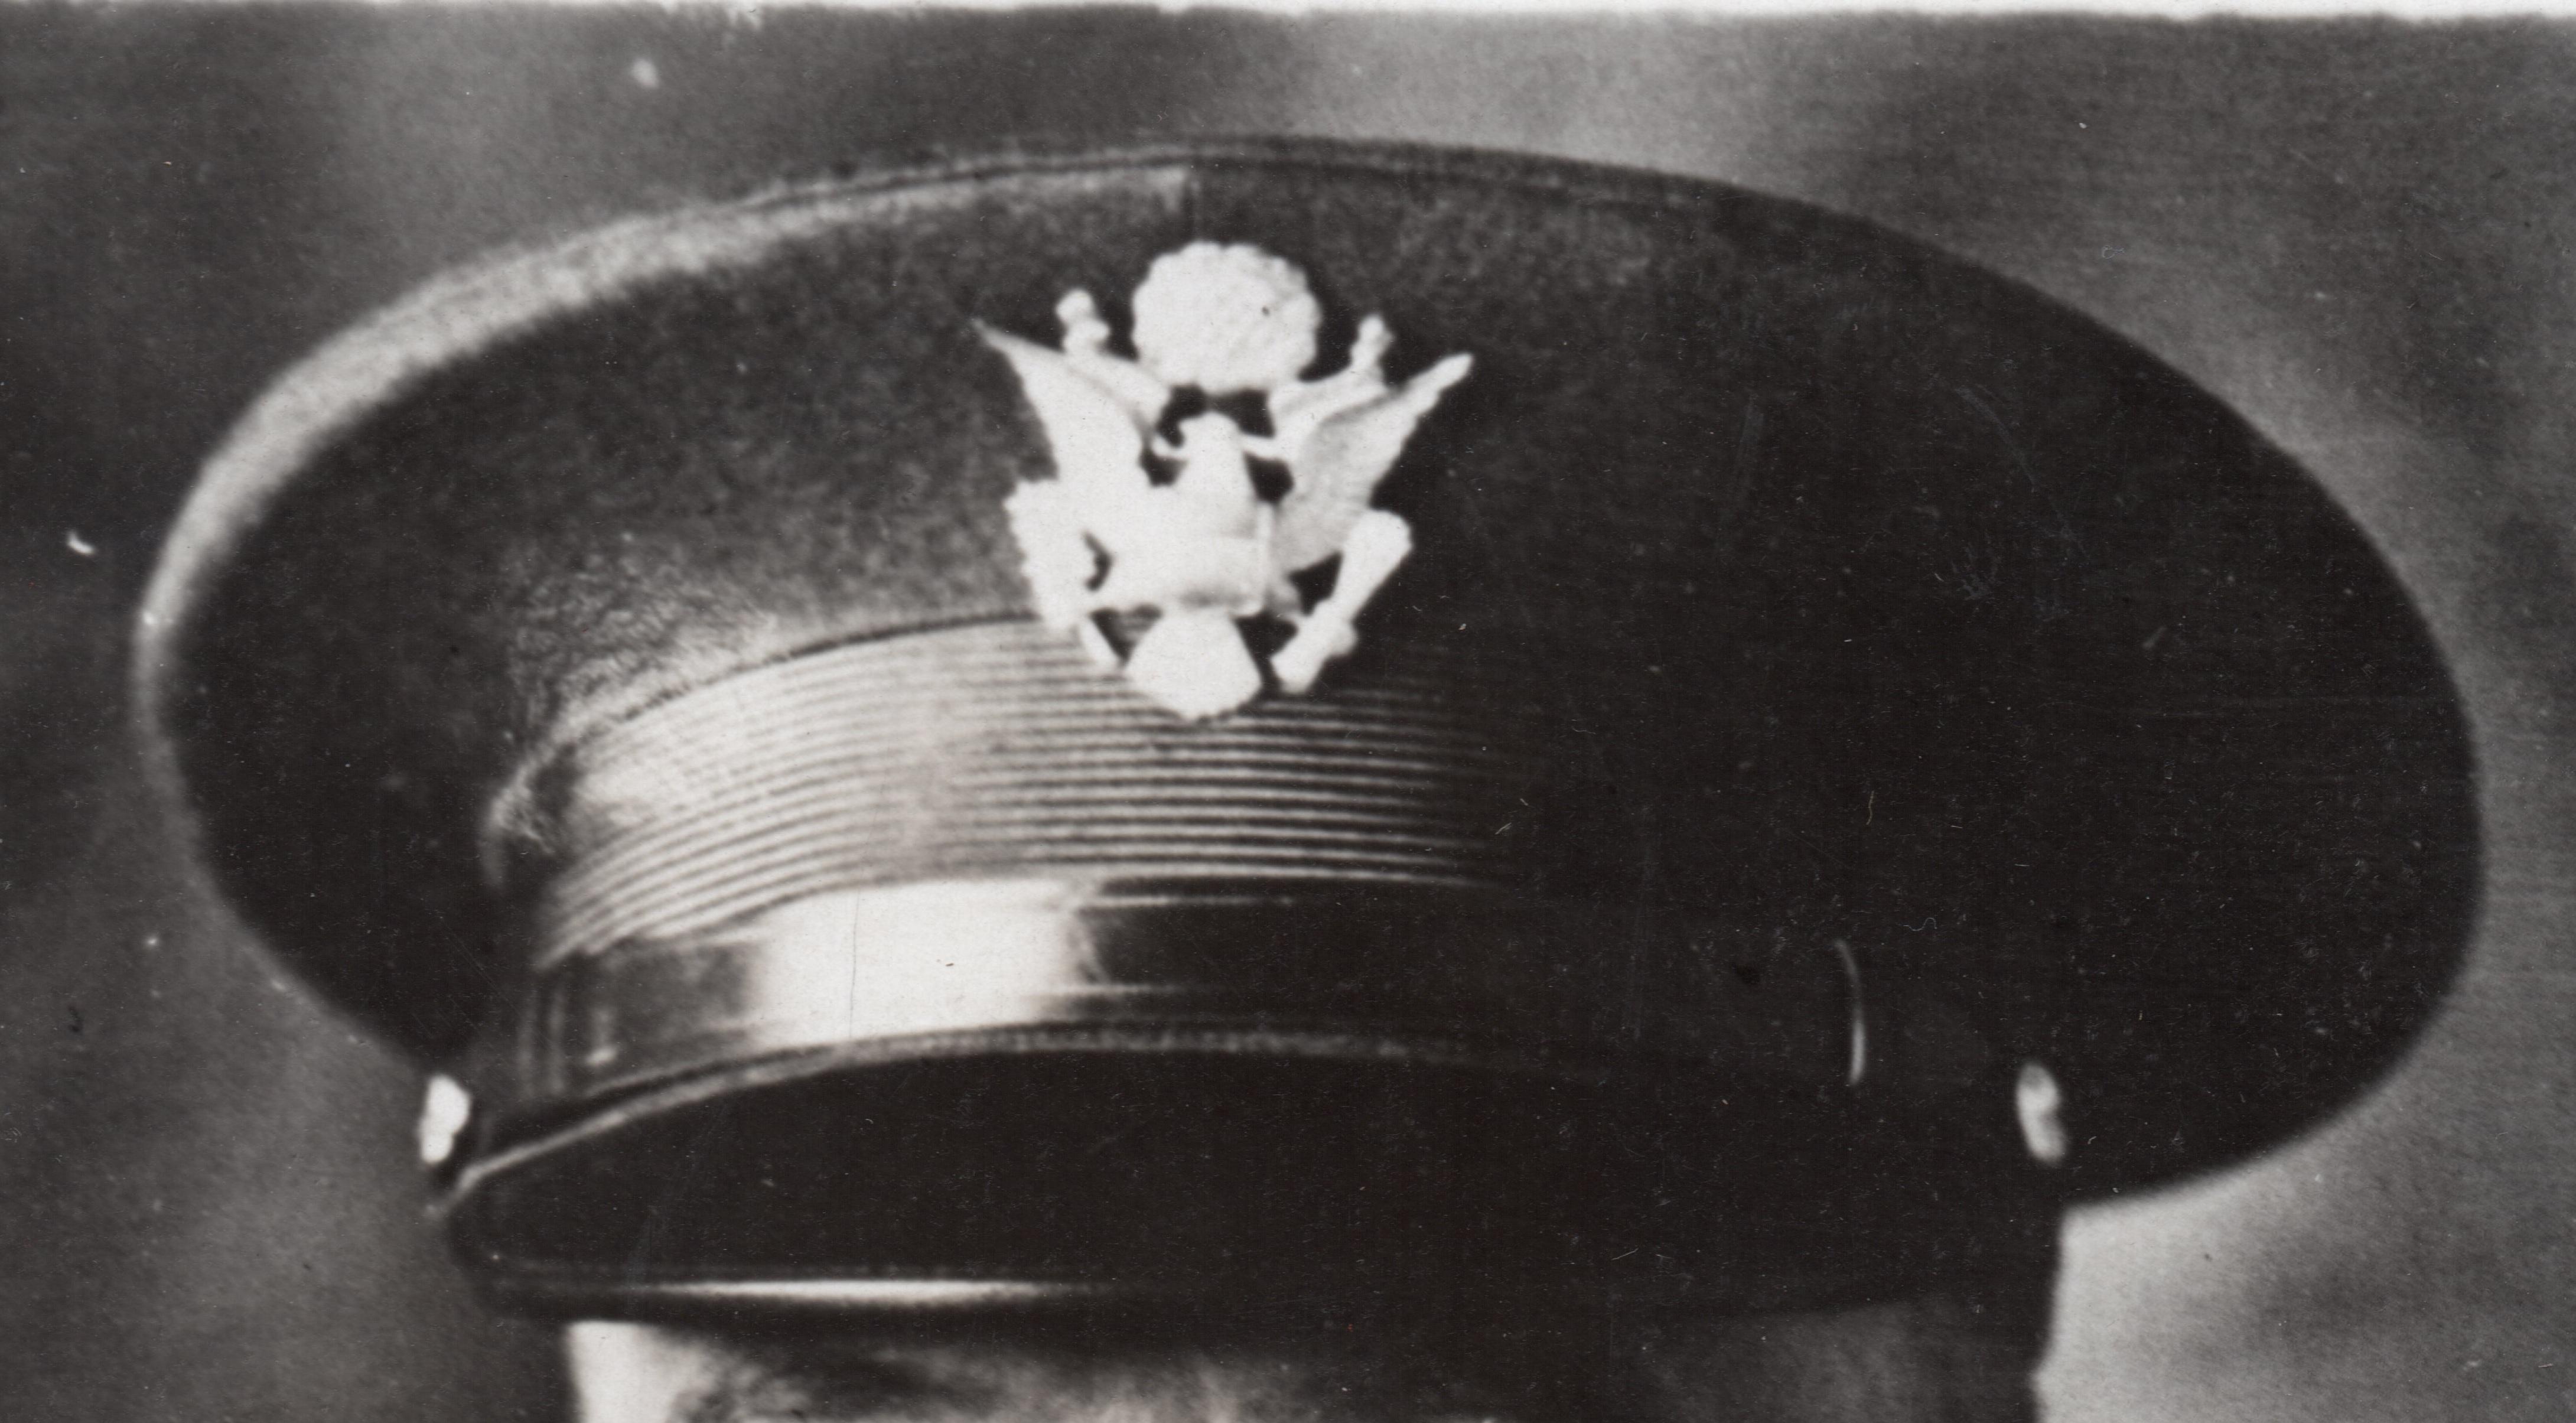 Chaplain Head Gear   The Chaplain Kit